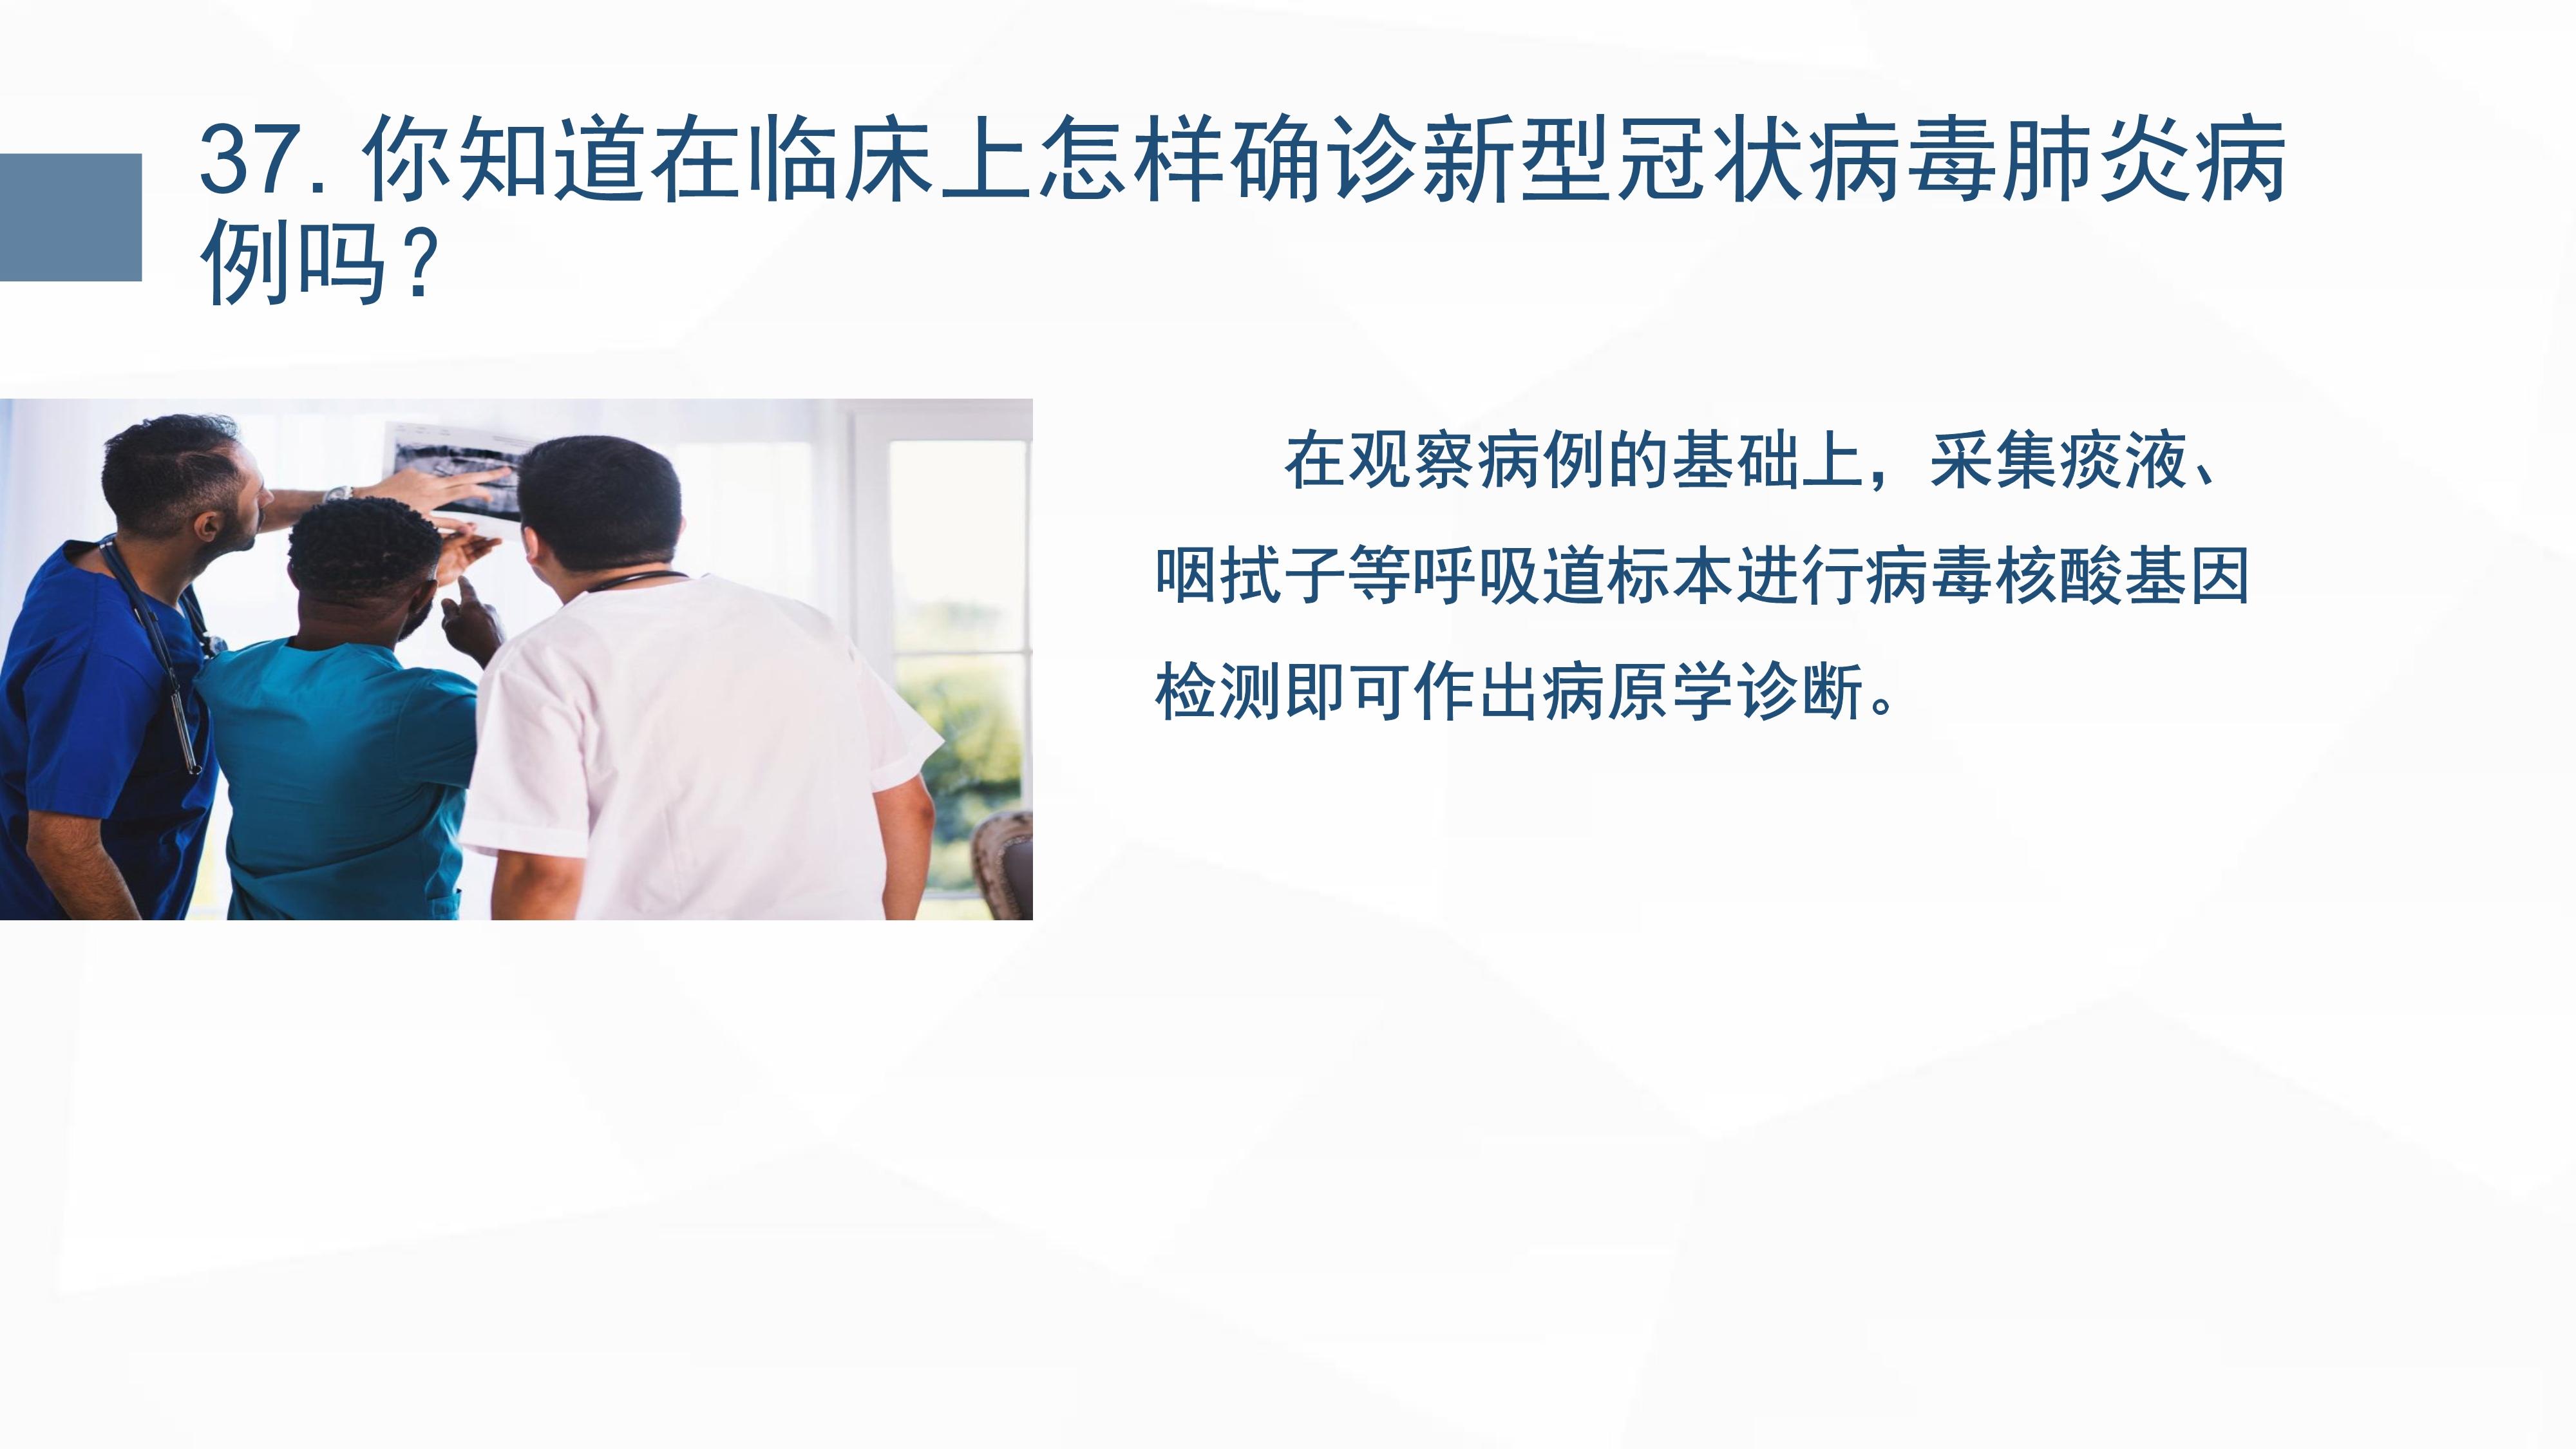 新型冠状病毒肺炎预防手册_45